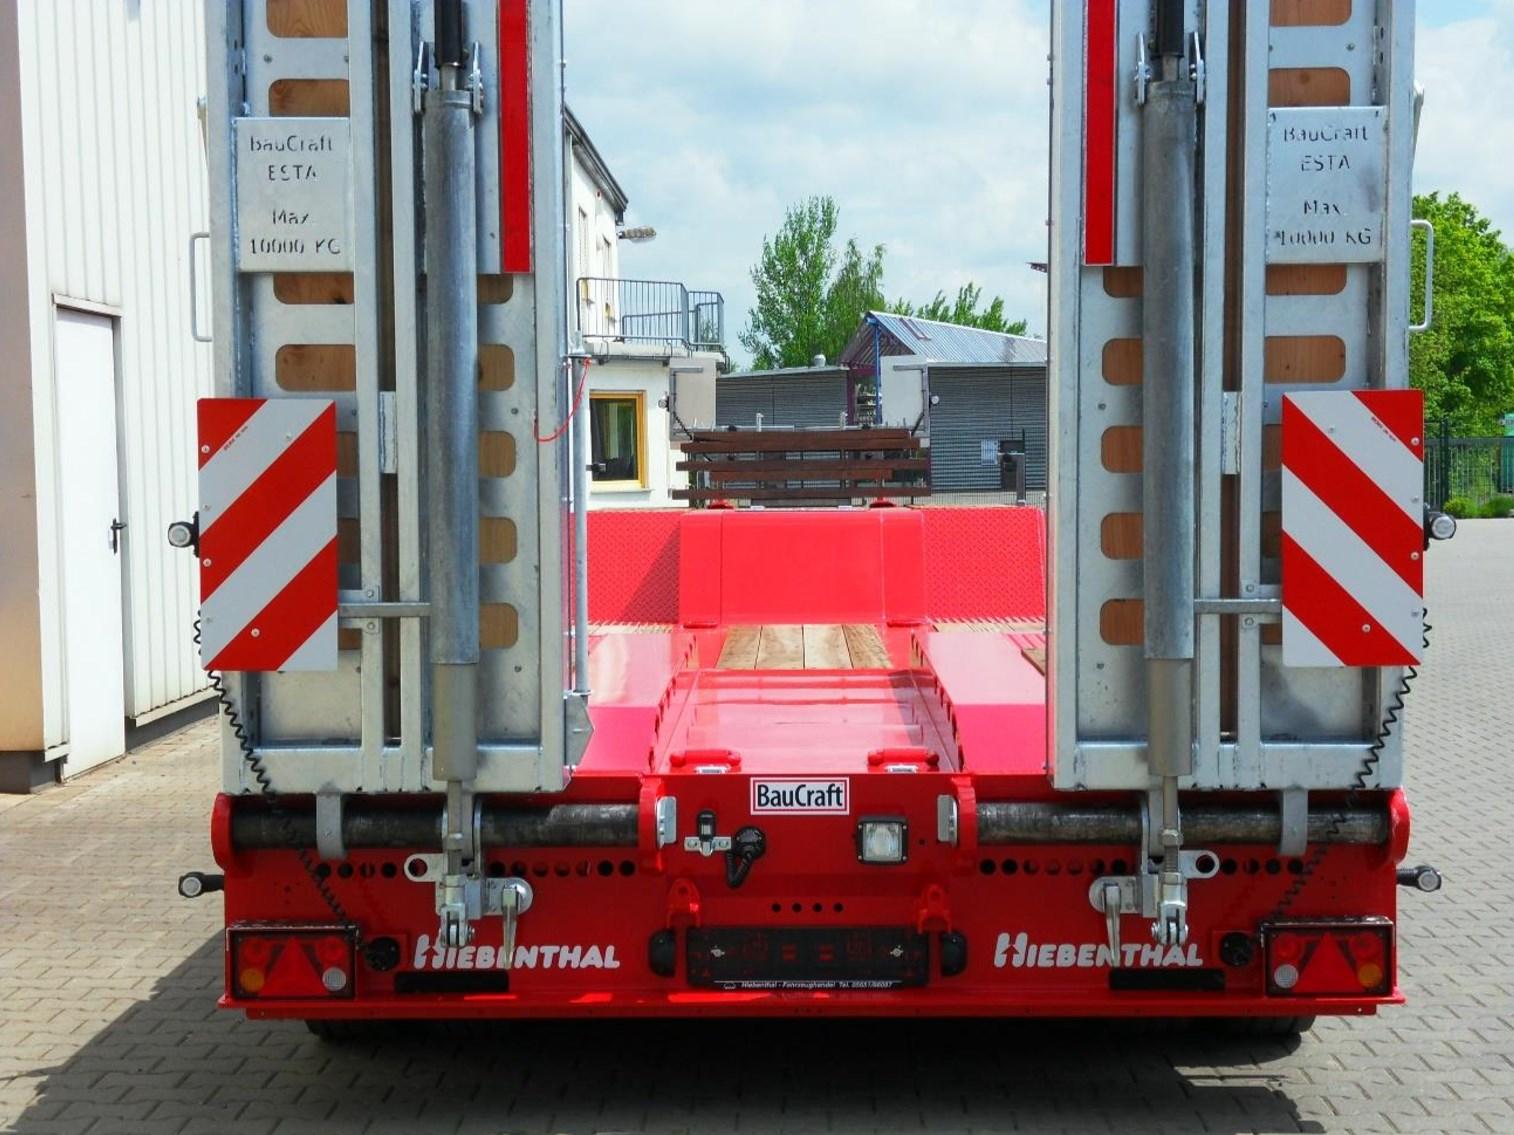 Seitenverstellbare-Rampen_4-Achs-Tiefbett-Tiefladeanhaenger_TTAH-40-Baucraft.jpg